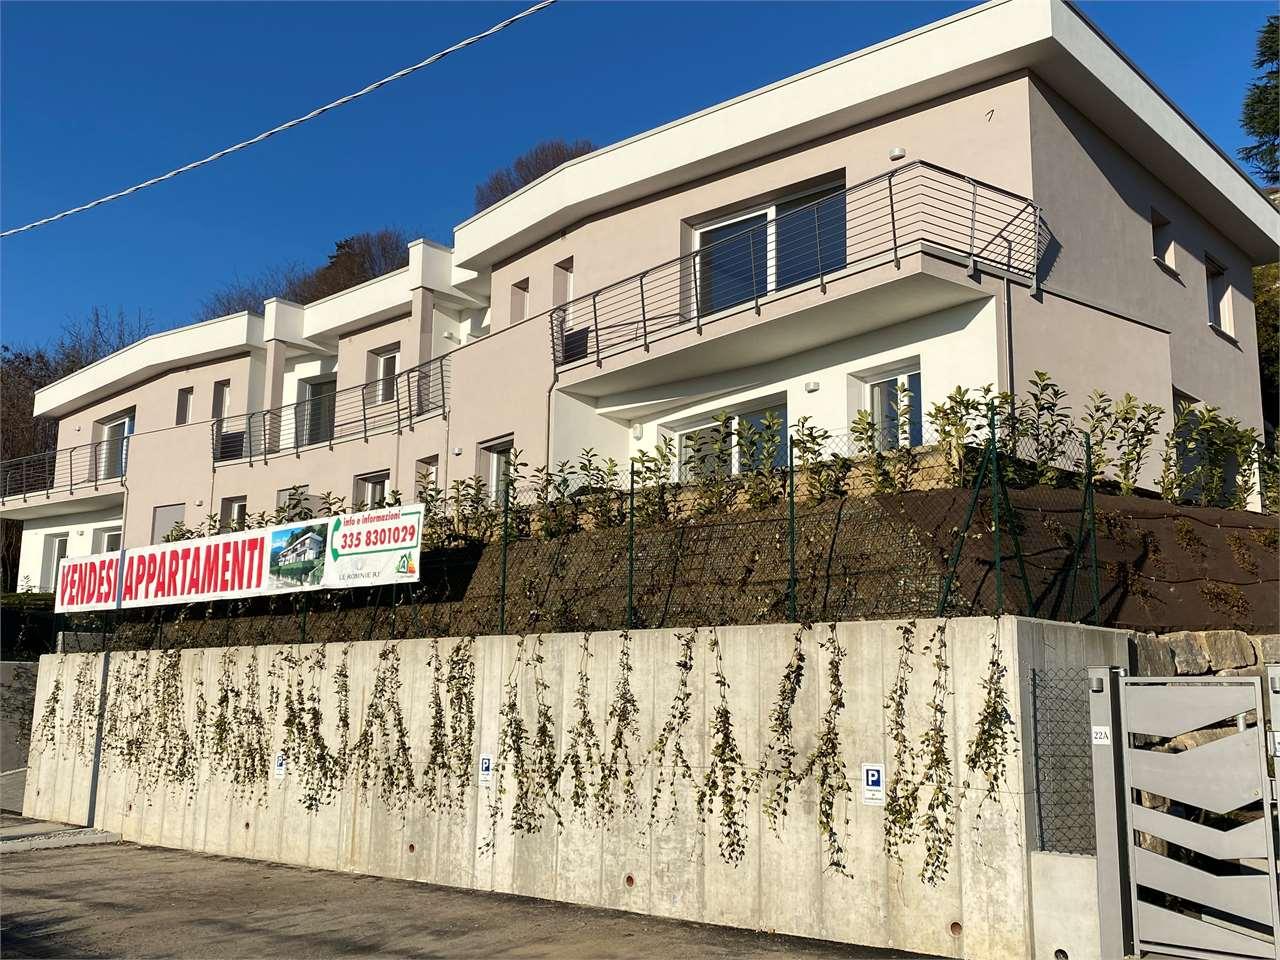 Appartamento in vendita a Besozzo, 2 locali, zona ana, prezzo € 199.000 | PortaleAgenzieImmobiliari.it